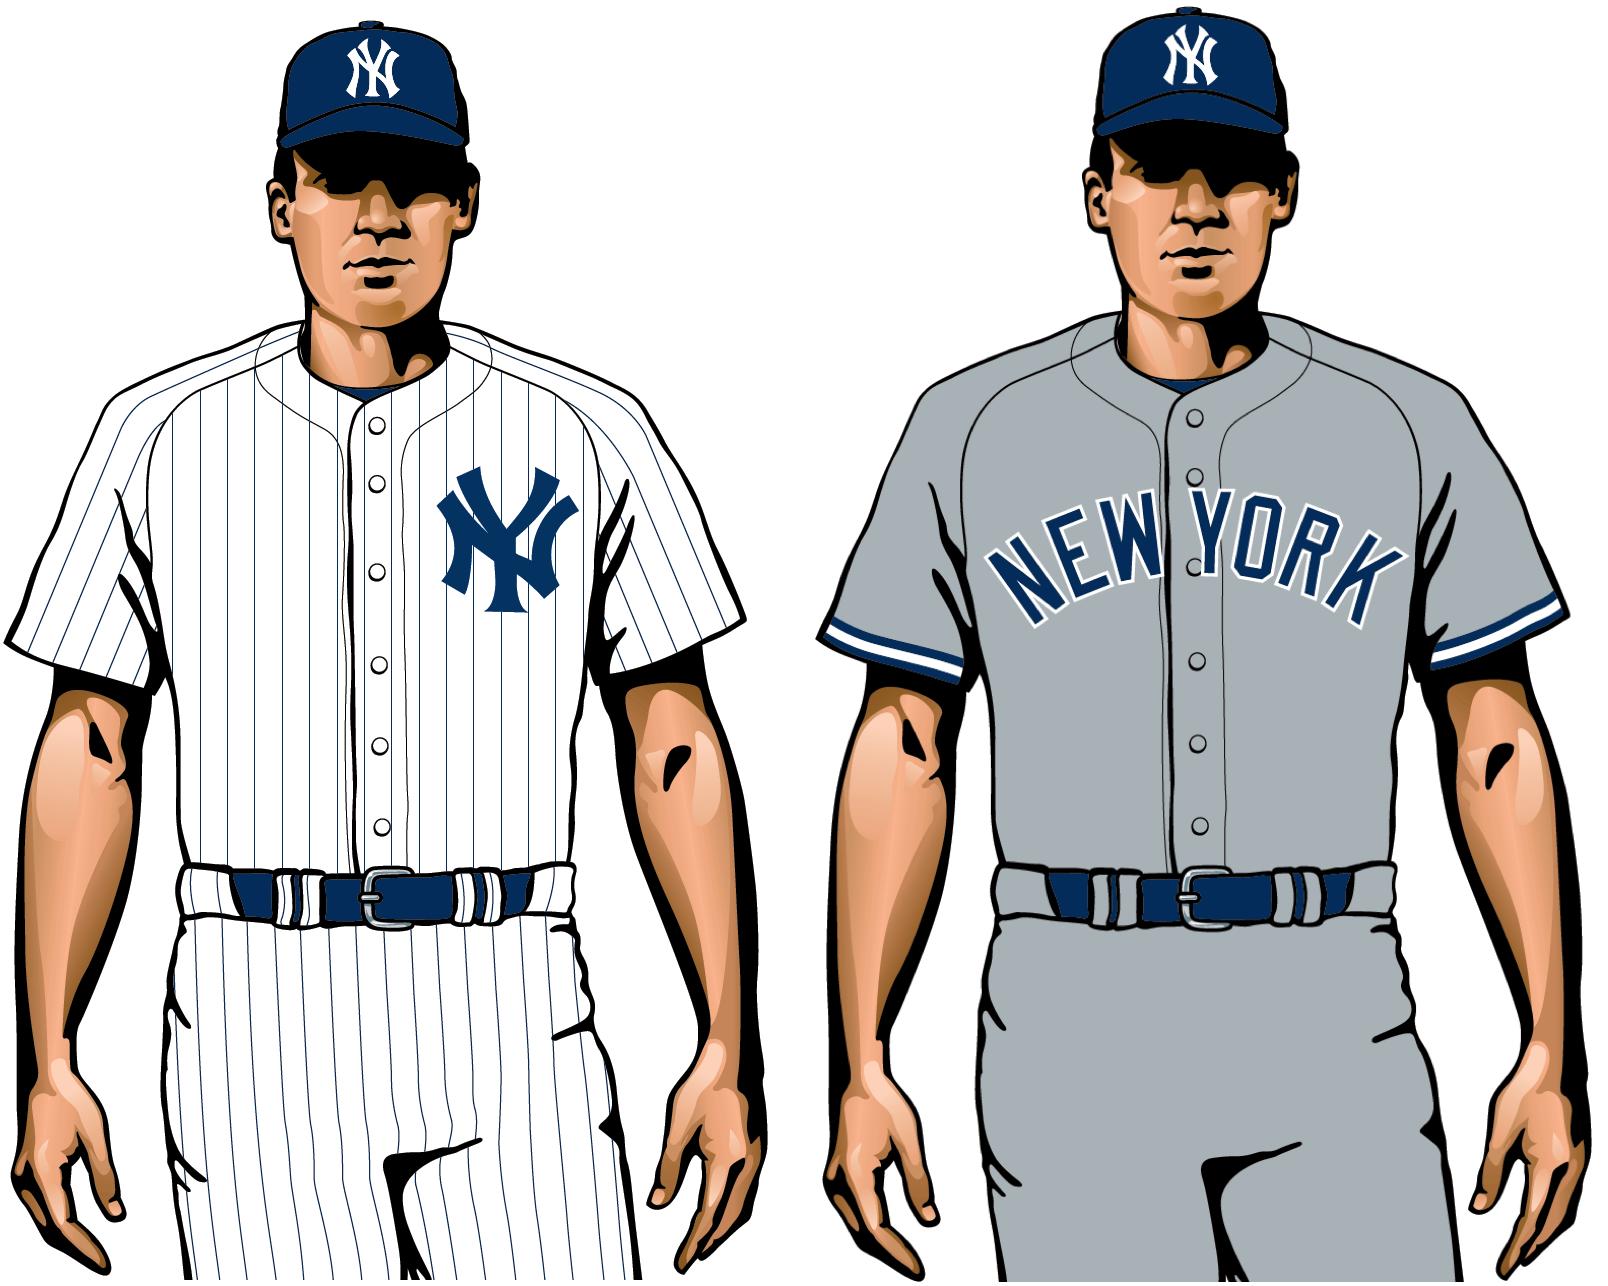 uniformes de ny yankees 2020